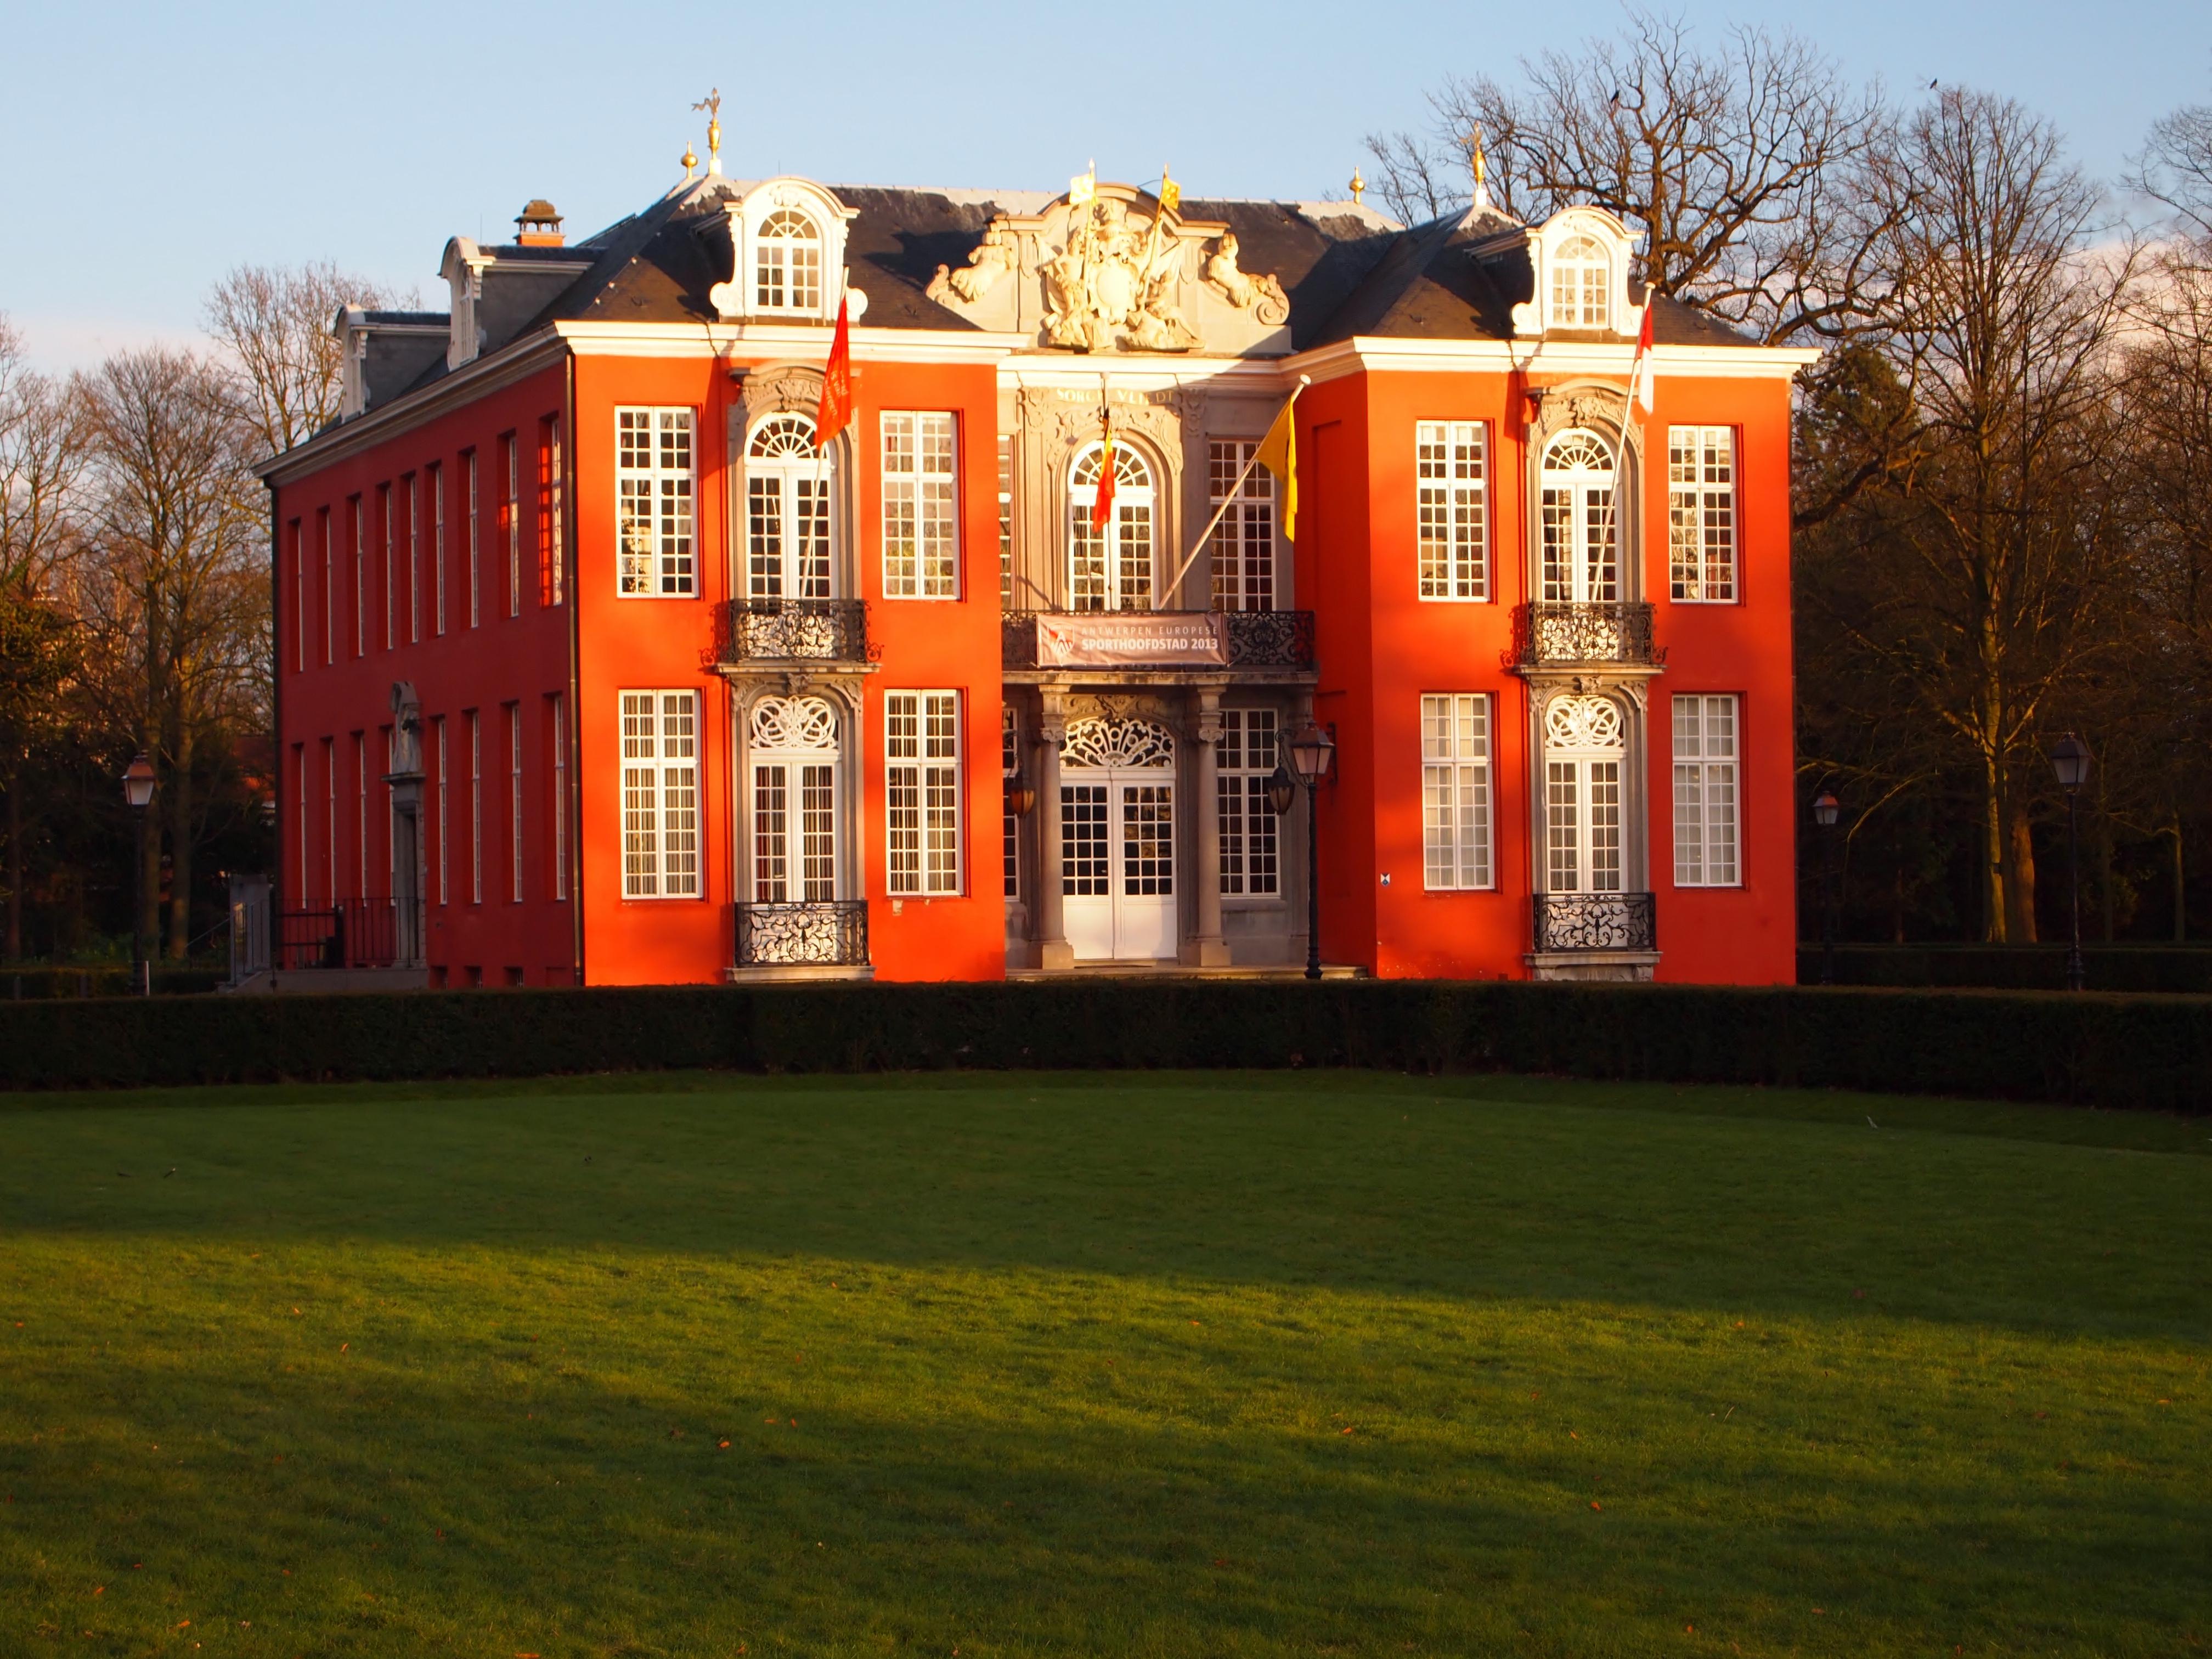 [Geschiedenis] Burchten en kastelen  u2013 symbolen van rijkdom en macht   Jan Lampo